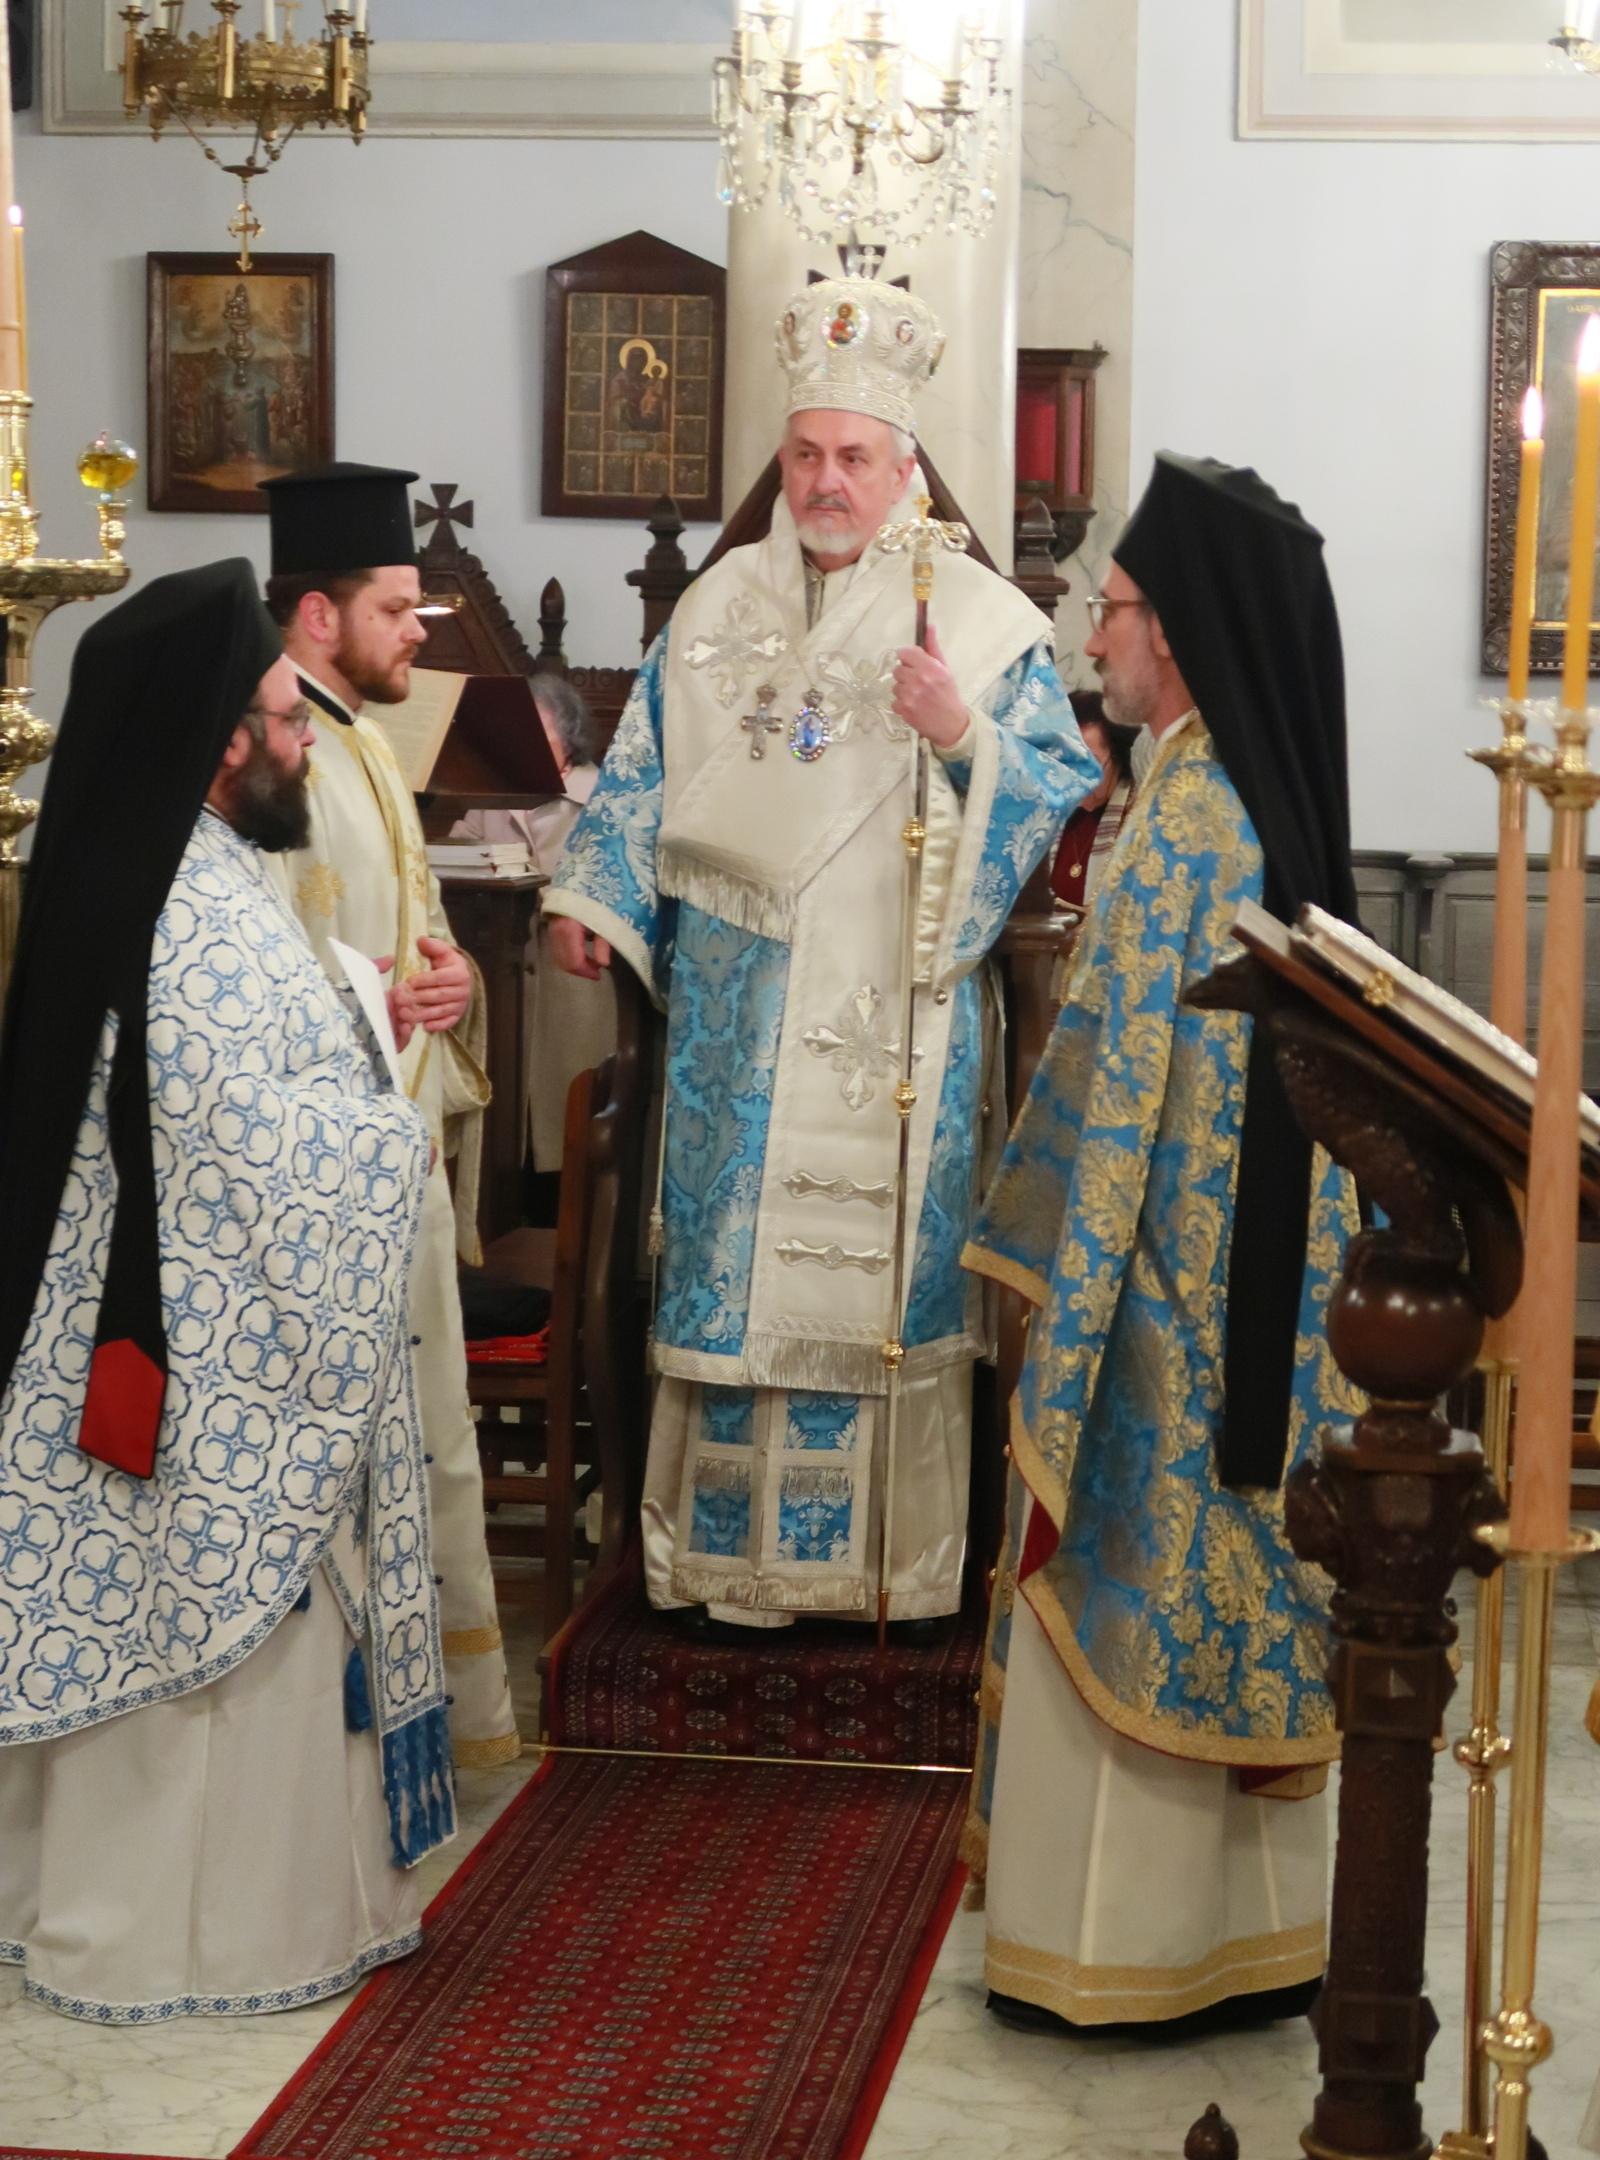 IMG 3549 - Η κατάδυση του Τιμίου Σταυρού στη Μασσαλία (φωτο)